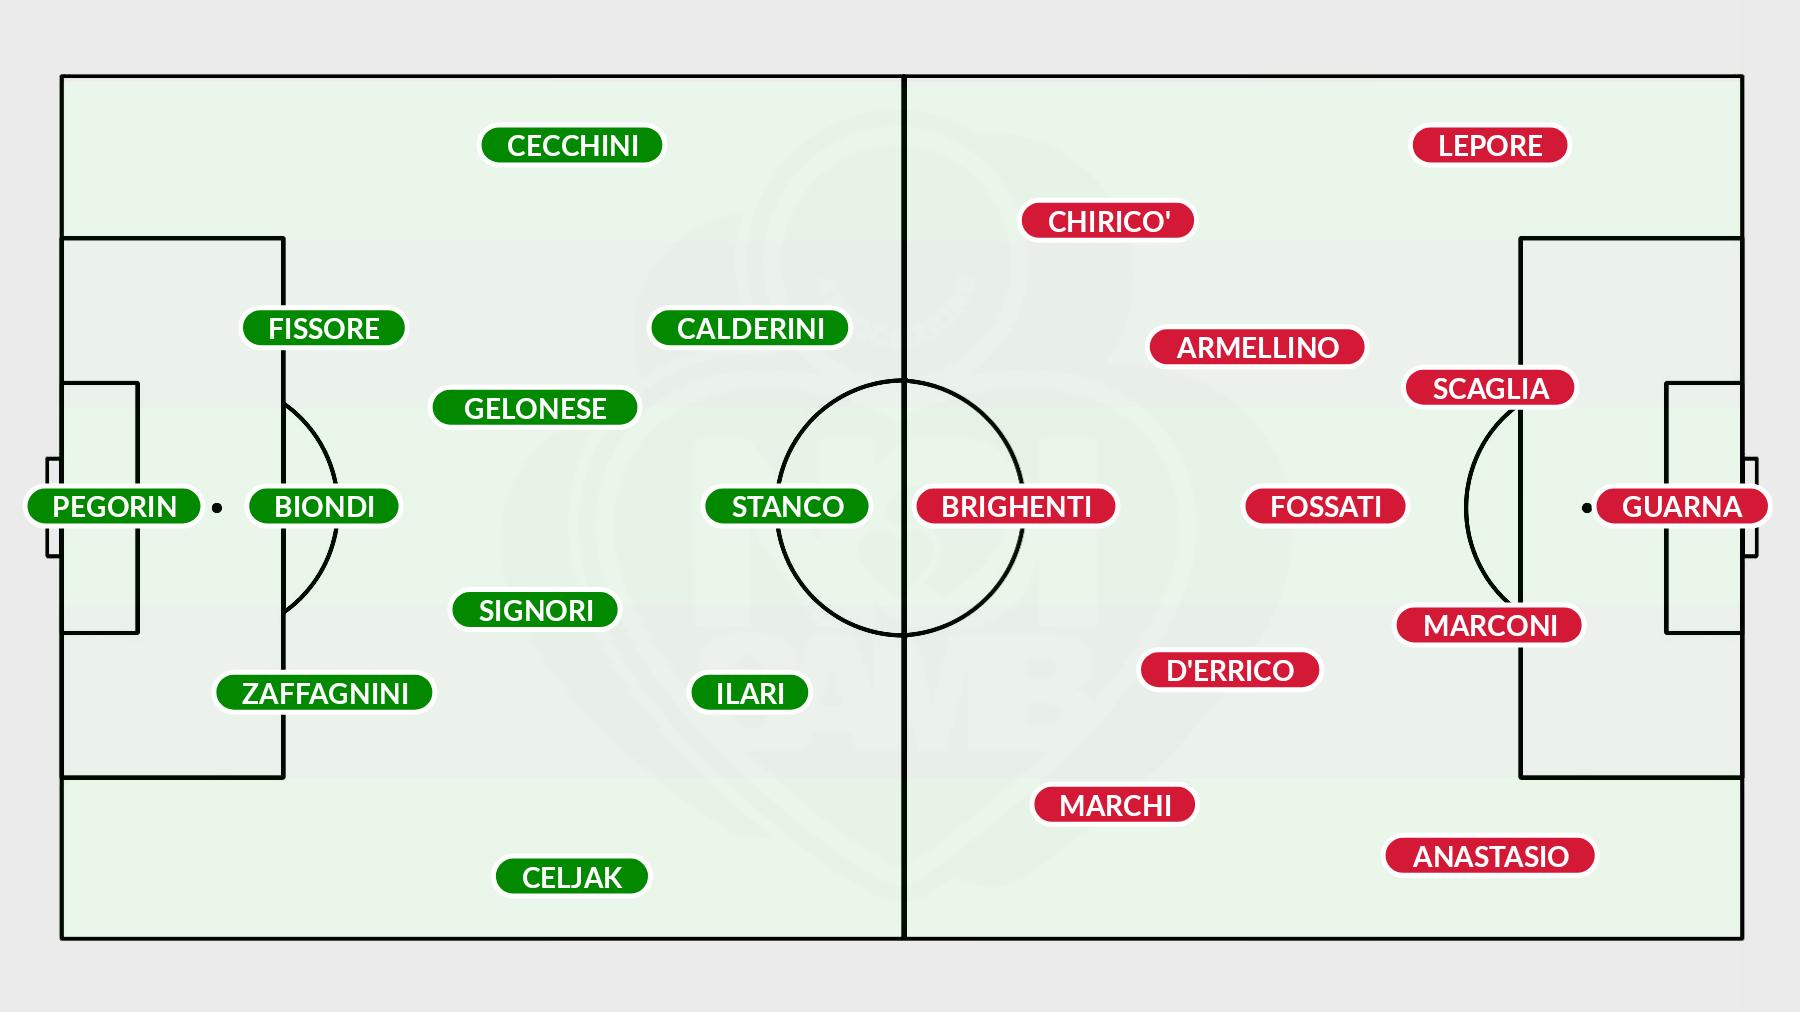 XI Monza-Samb